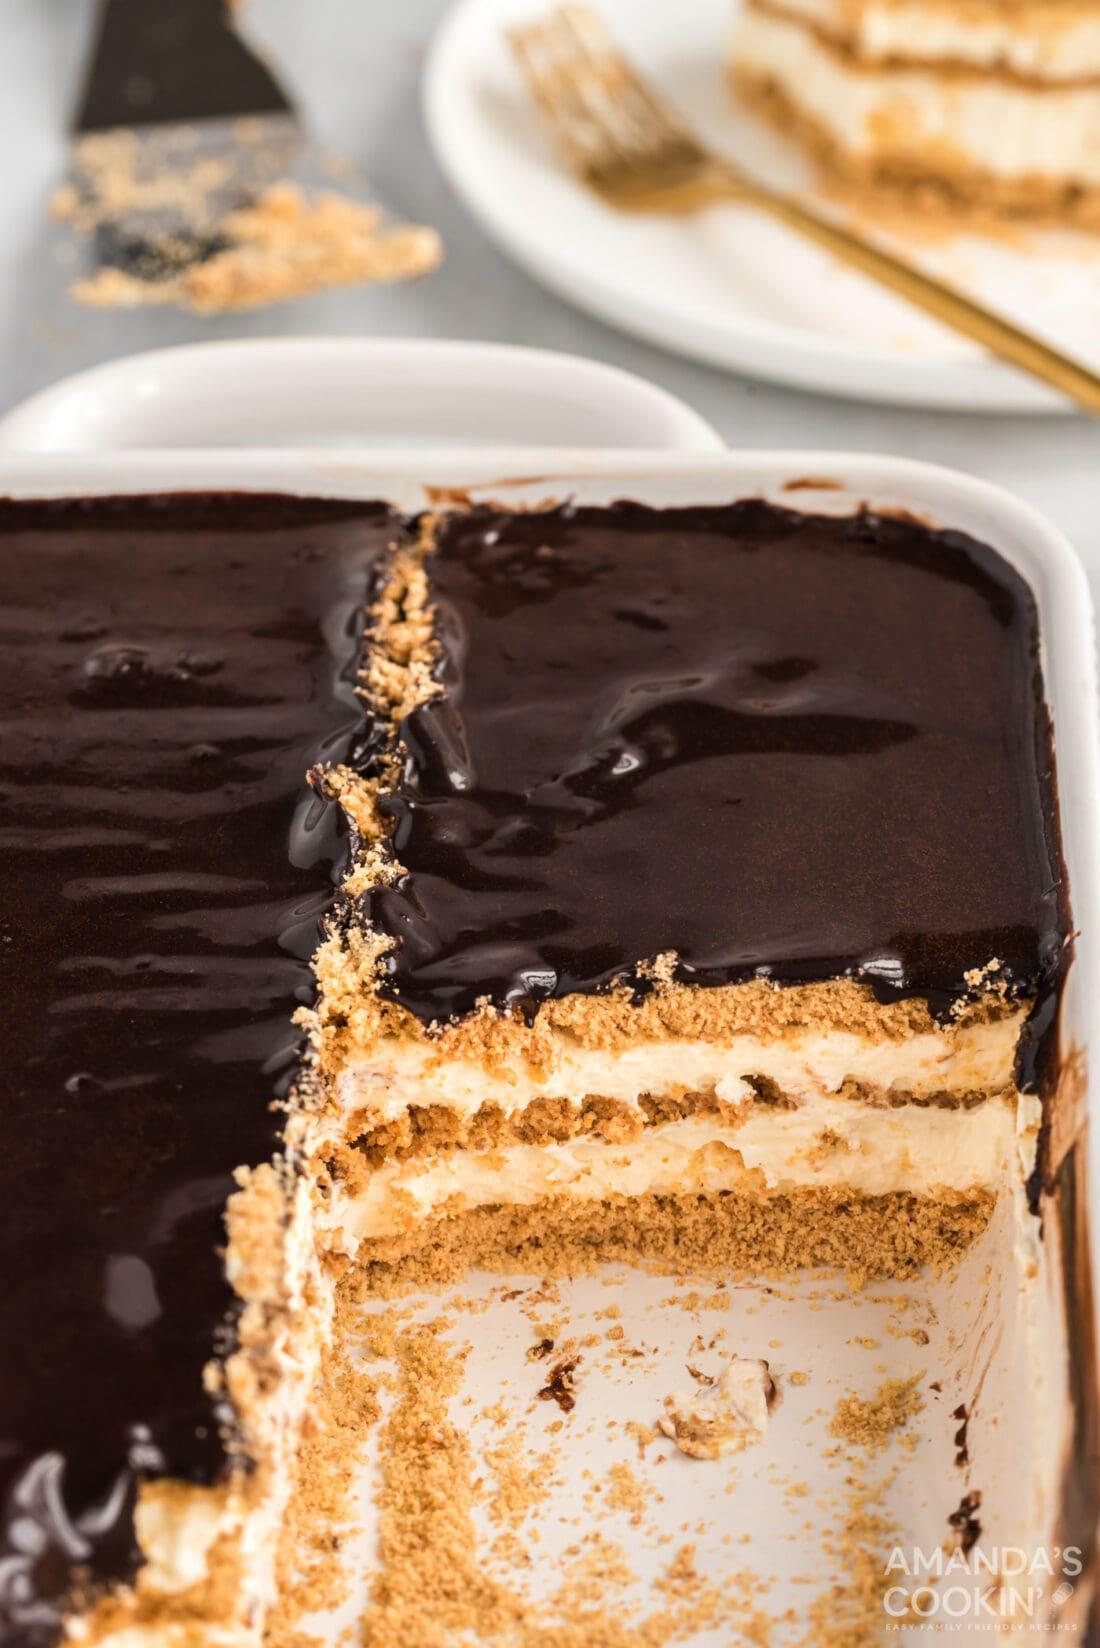 pan of no bake eclair cake